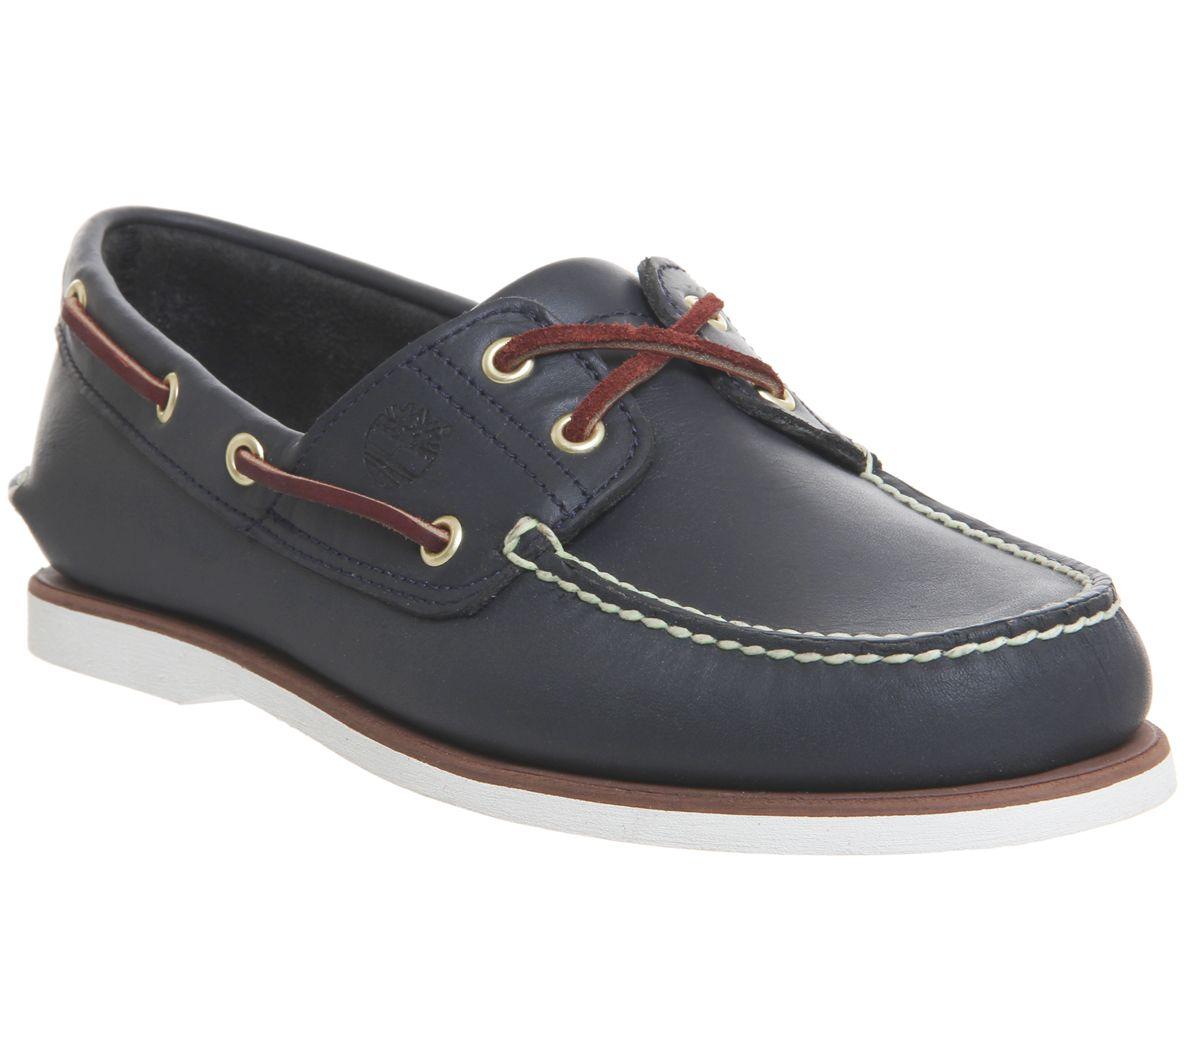 Detalles de Hombre Timberland Nuevo Zapatos Náuticos Azul Marino Zapatos Casuales Cuero